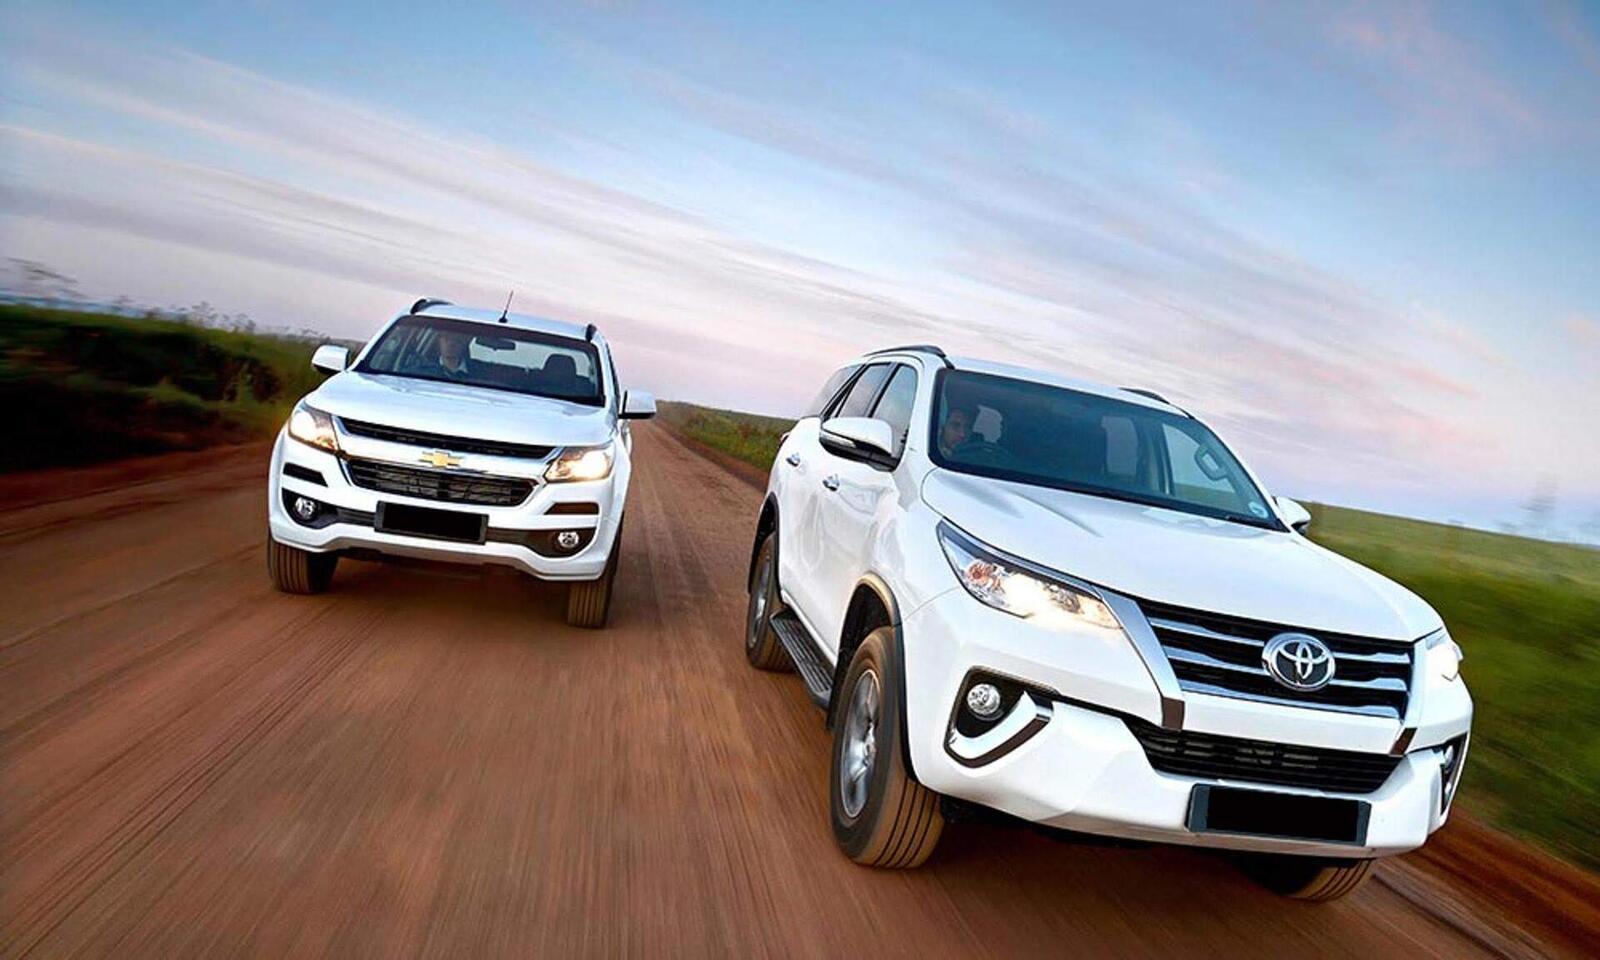 So sánh giá bán của Toyota Fortuner và Chevrolet Trailblazer - Hình 1